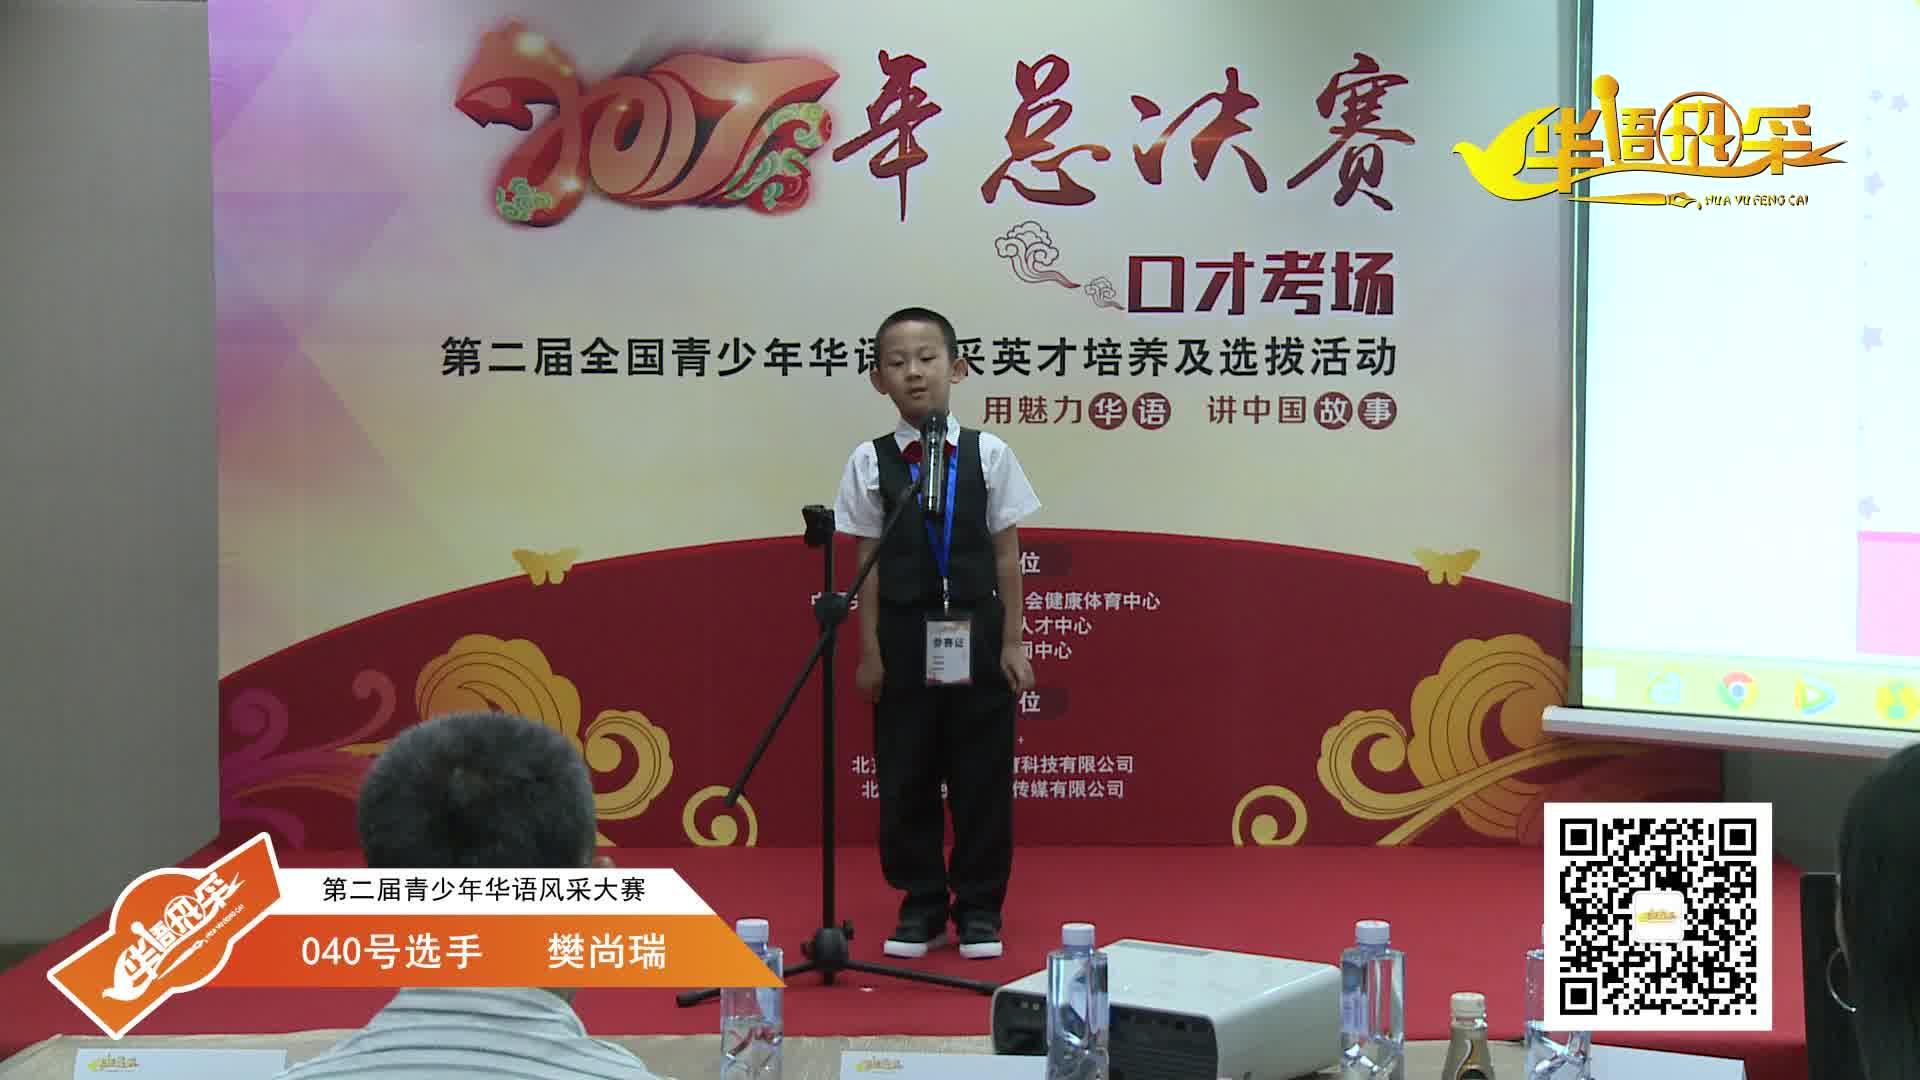 040号选手:樊尚瑞